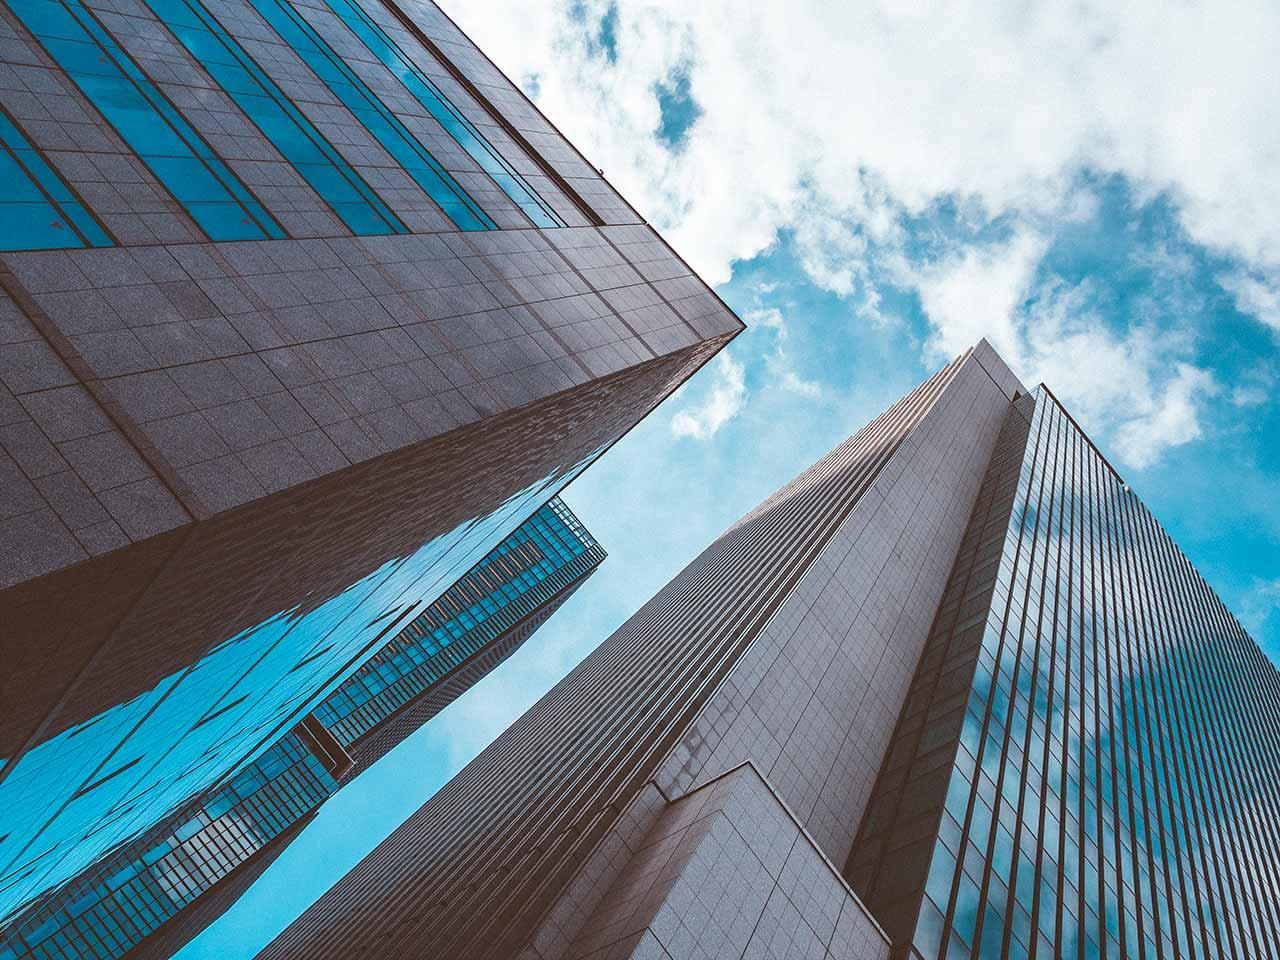 Architektur in Tokio Japan